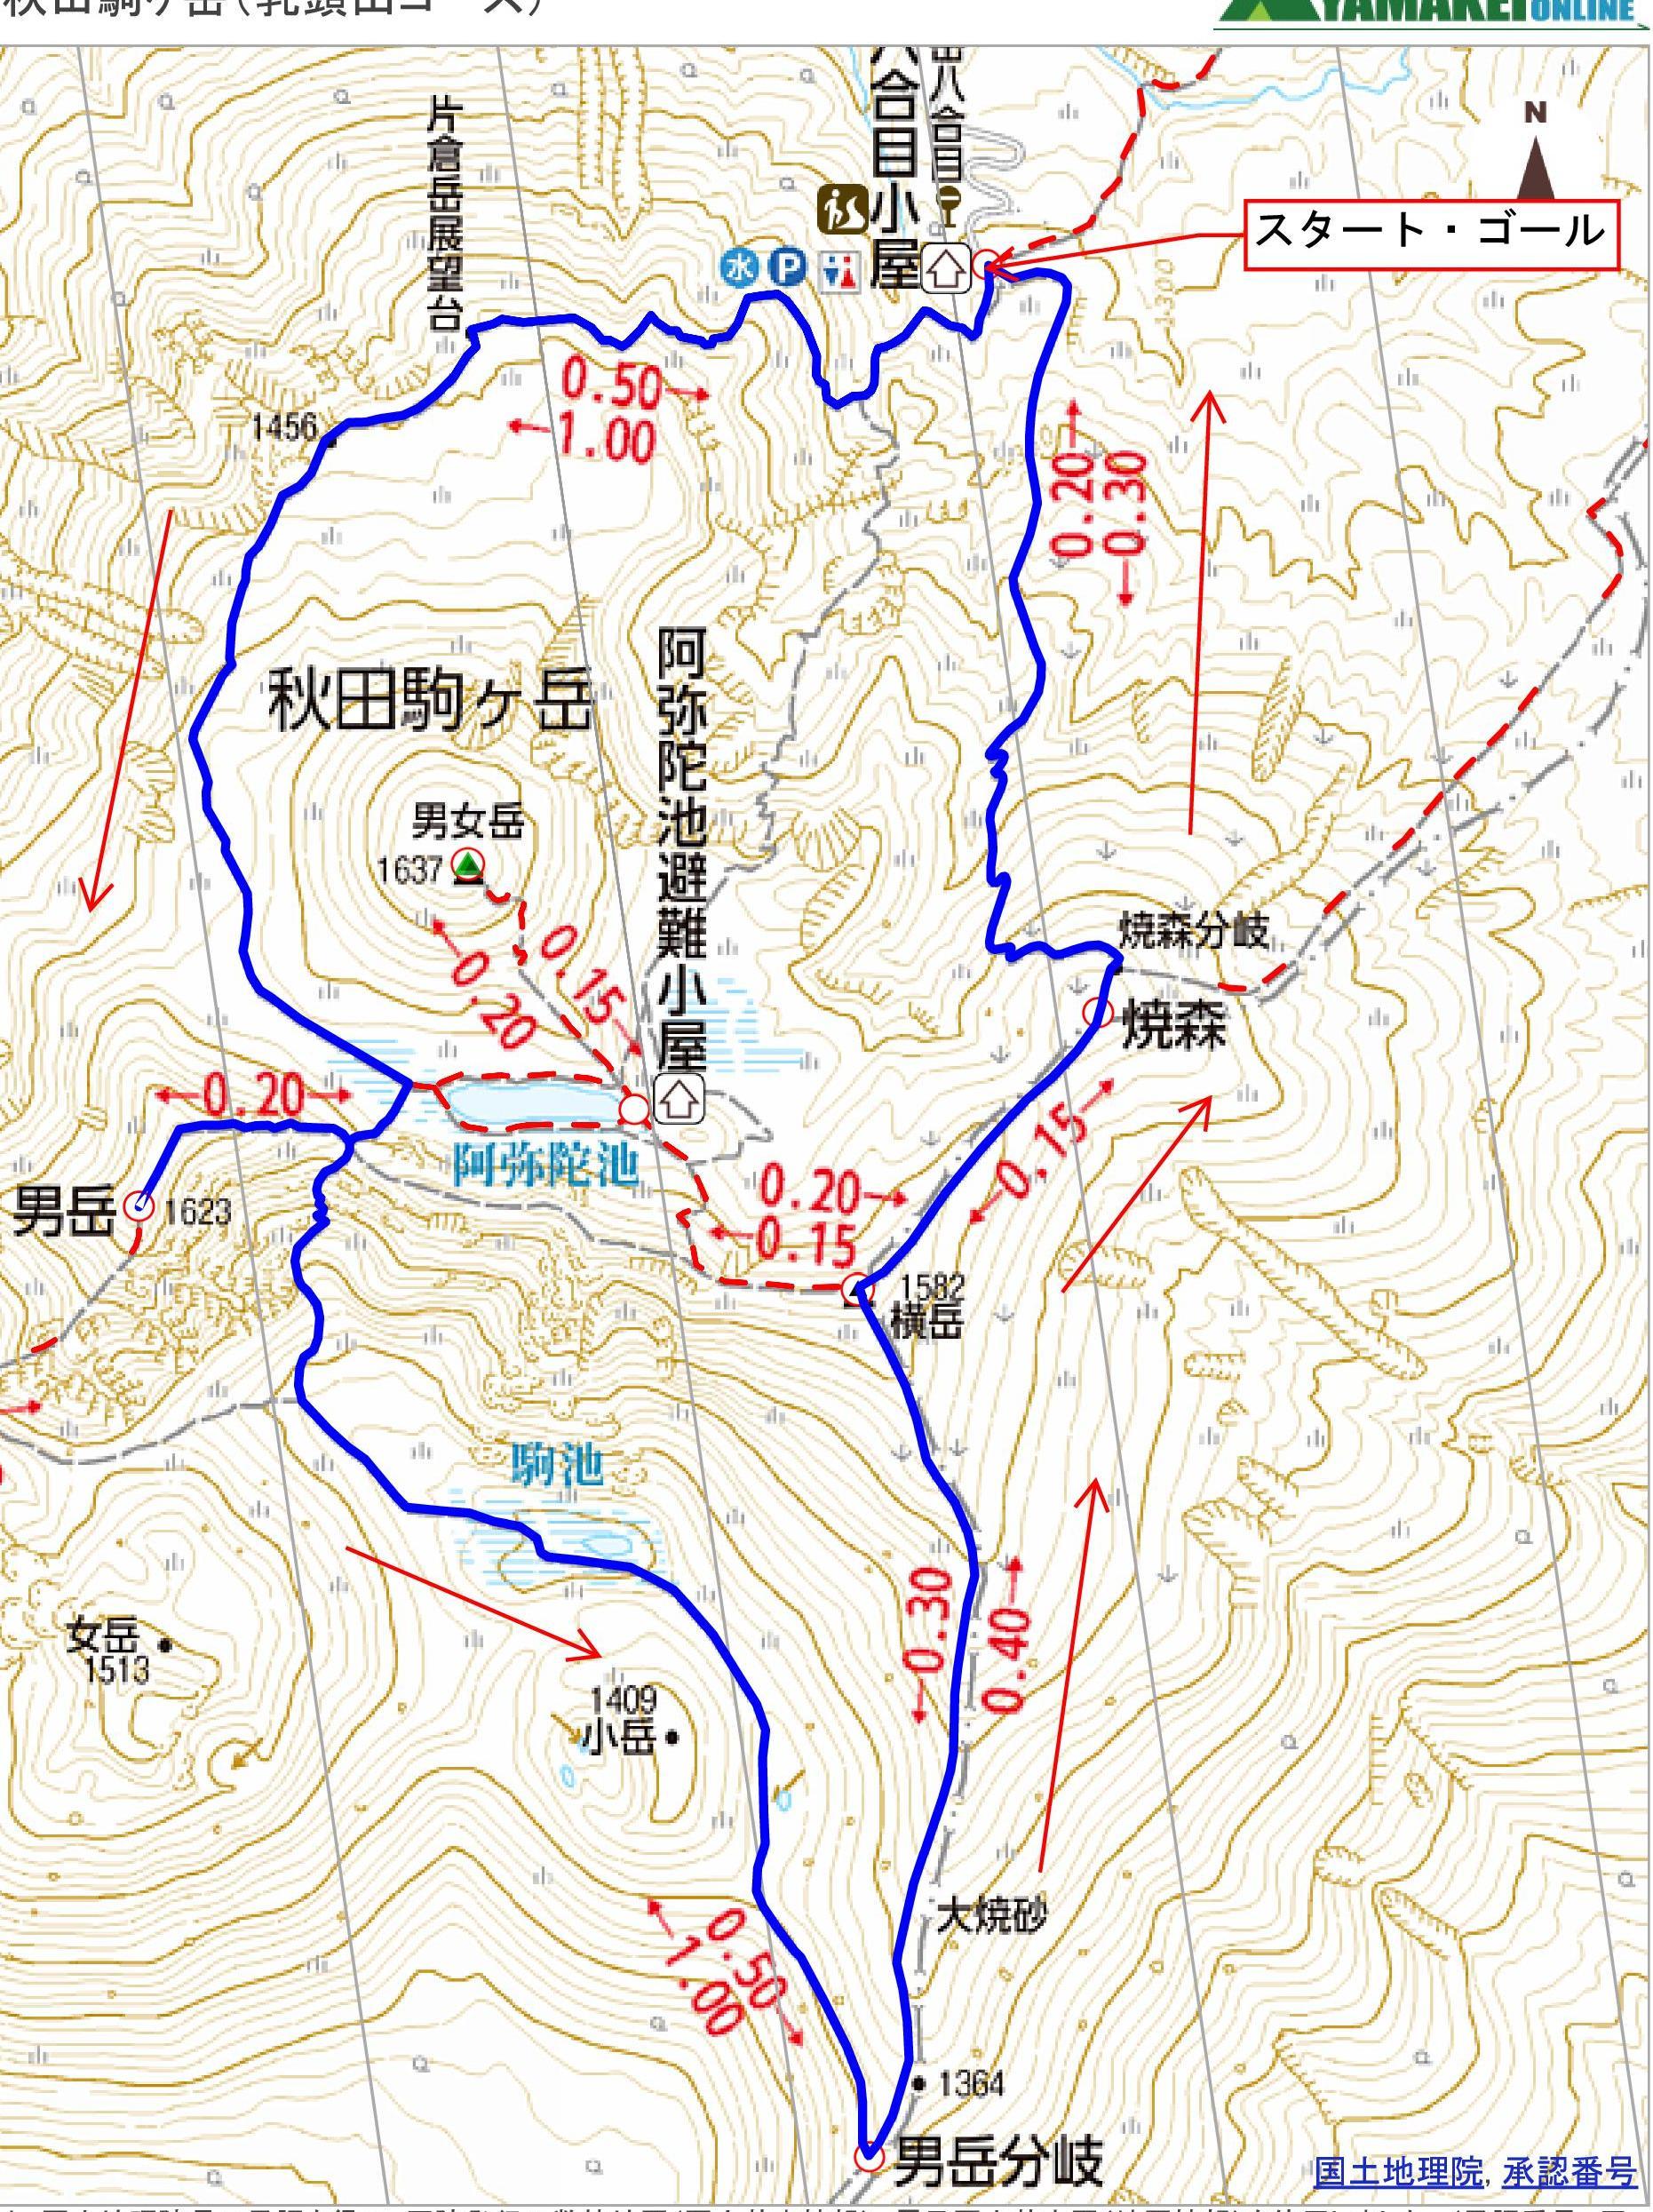 1-コースタイム&登山計画付き登山地図